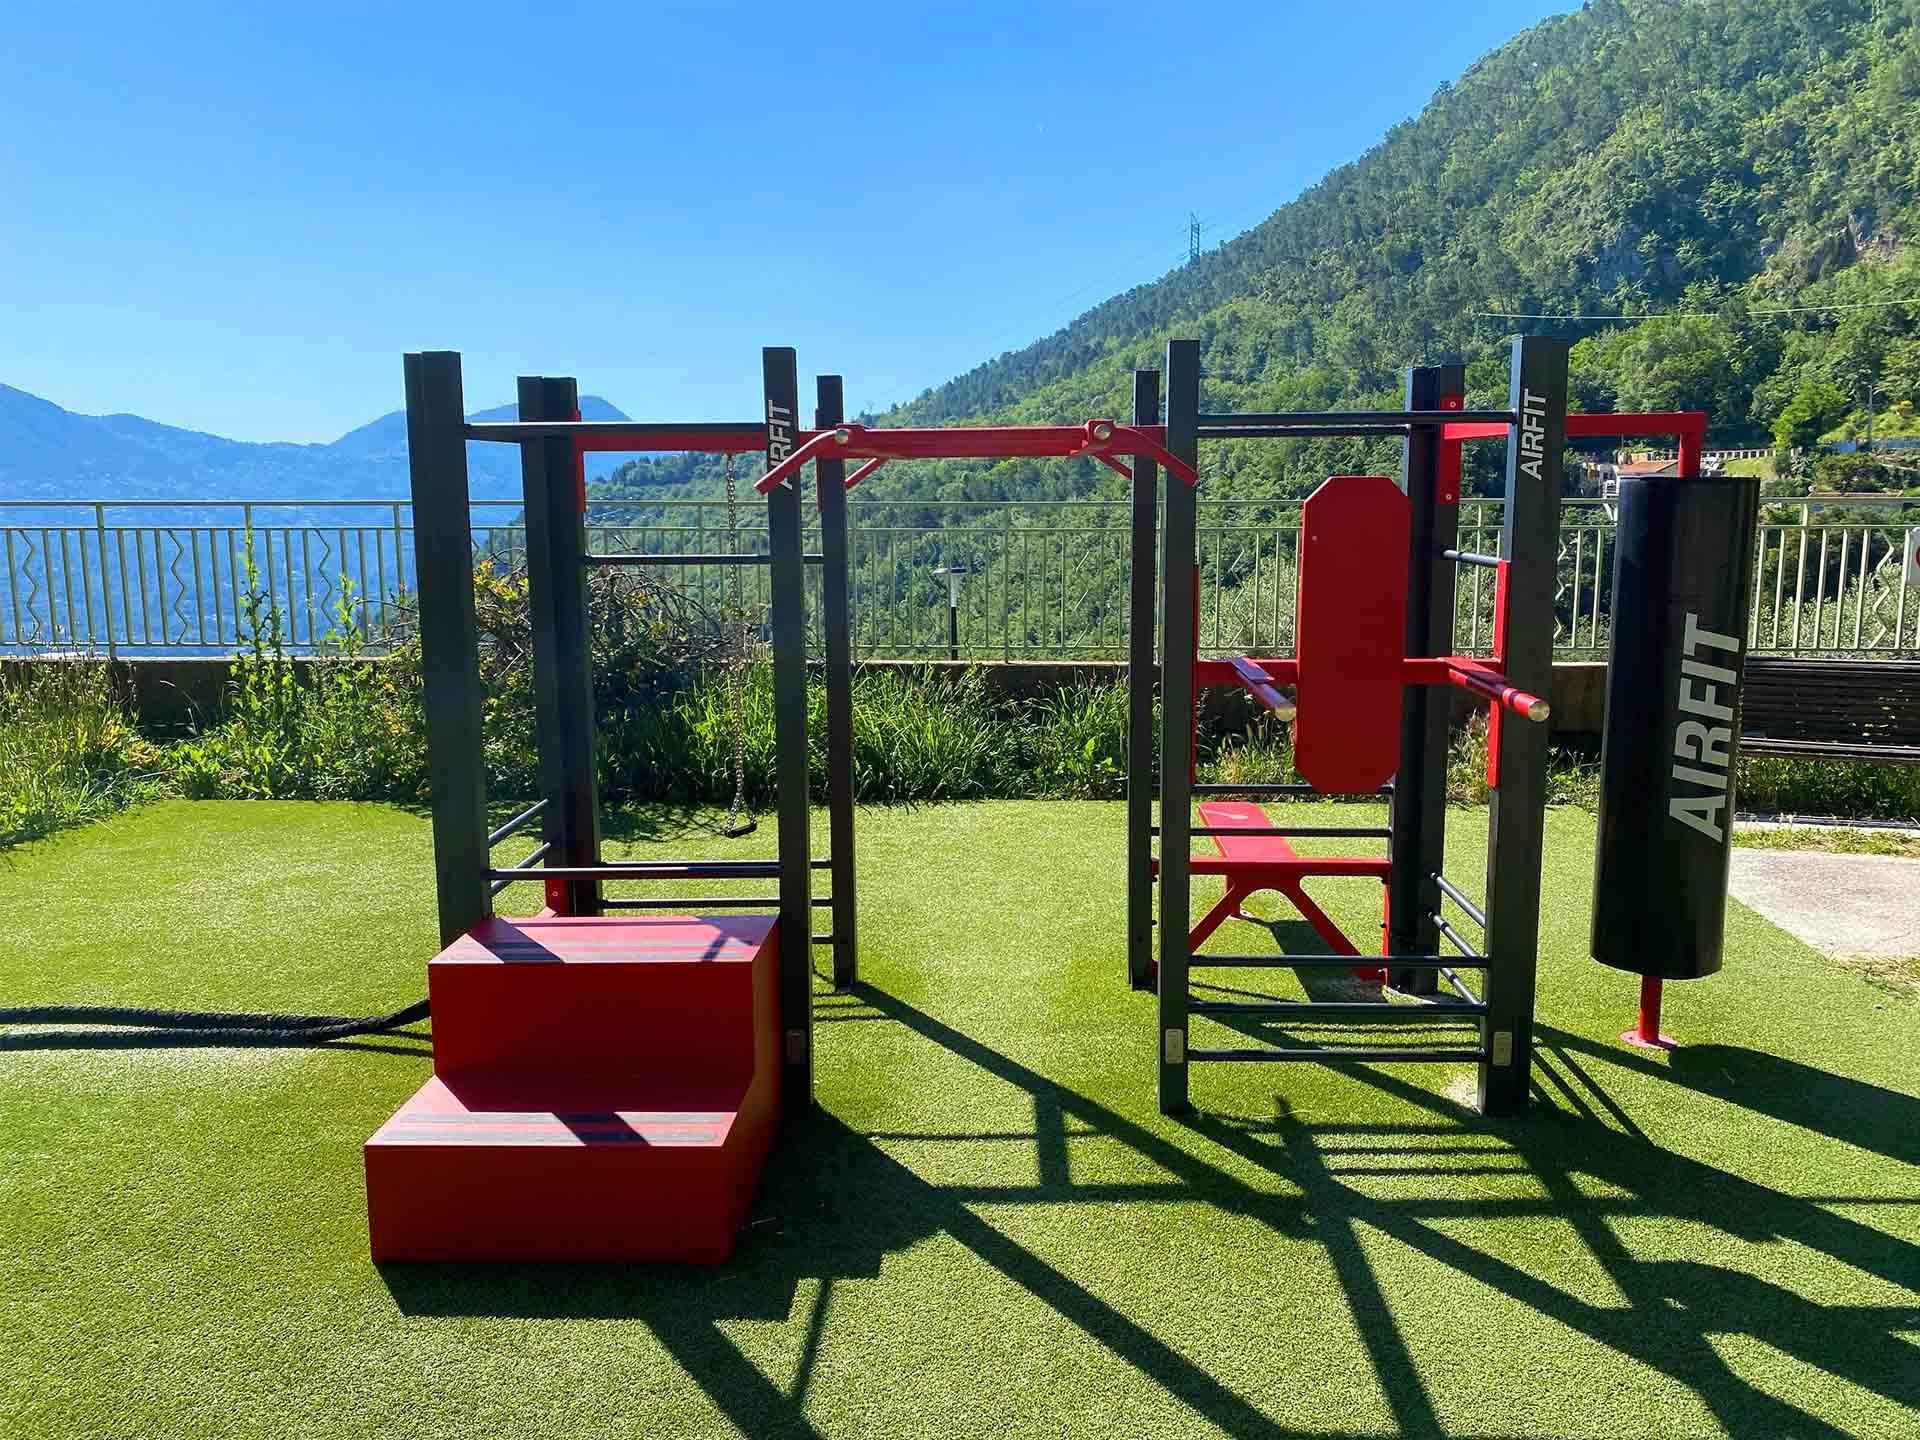 La Station de Fitness Connectée se situe sur une des terrasses du Broc avec vue sur les montagnes